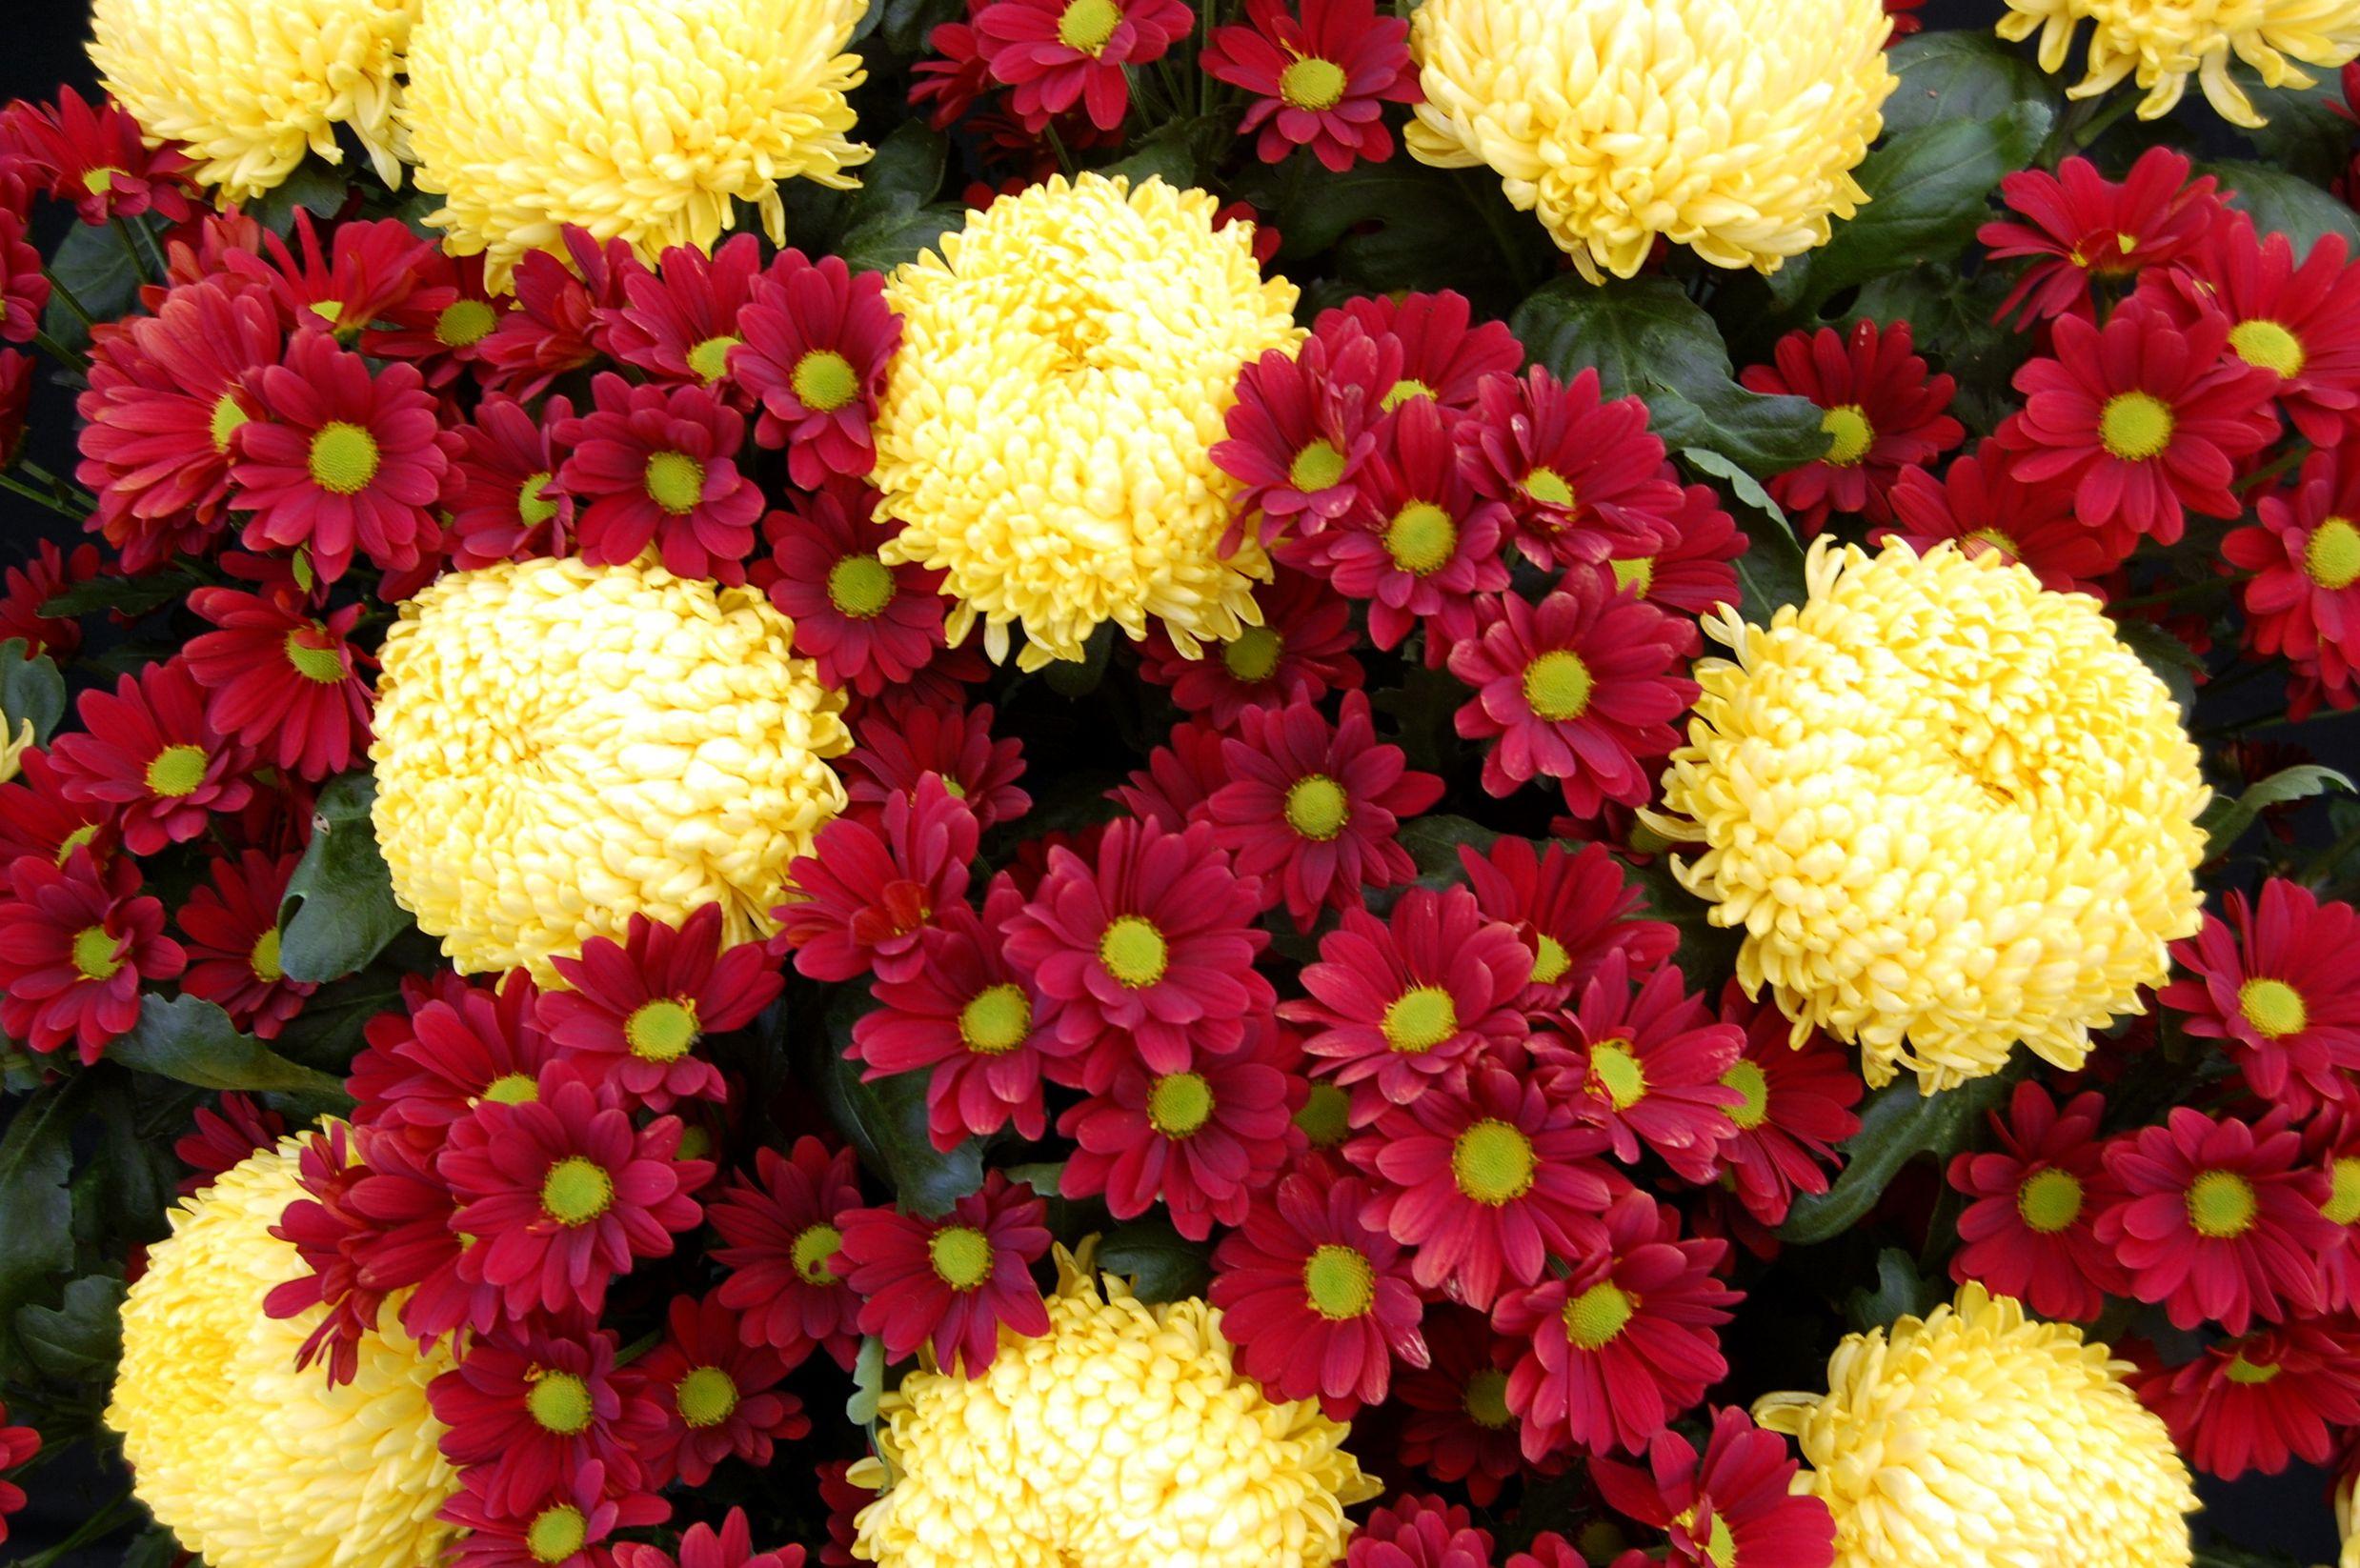 цветы хризантемы фото и картинки спрятался